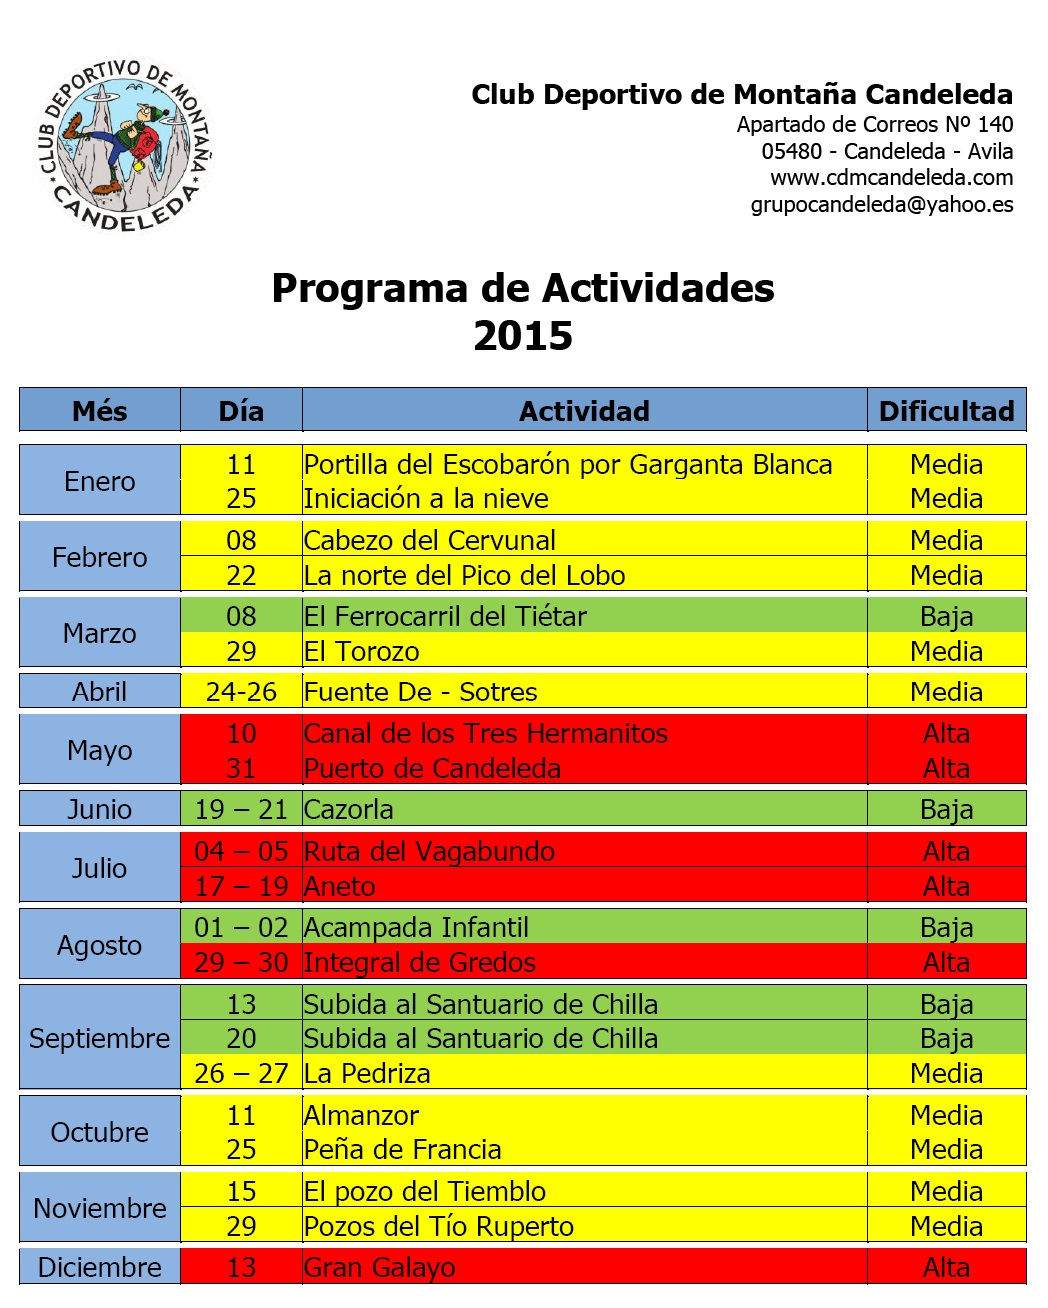 CalendarioDeActividades2015